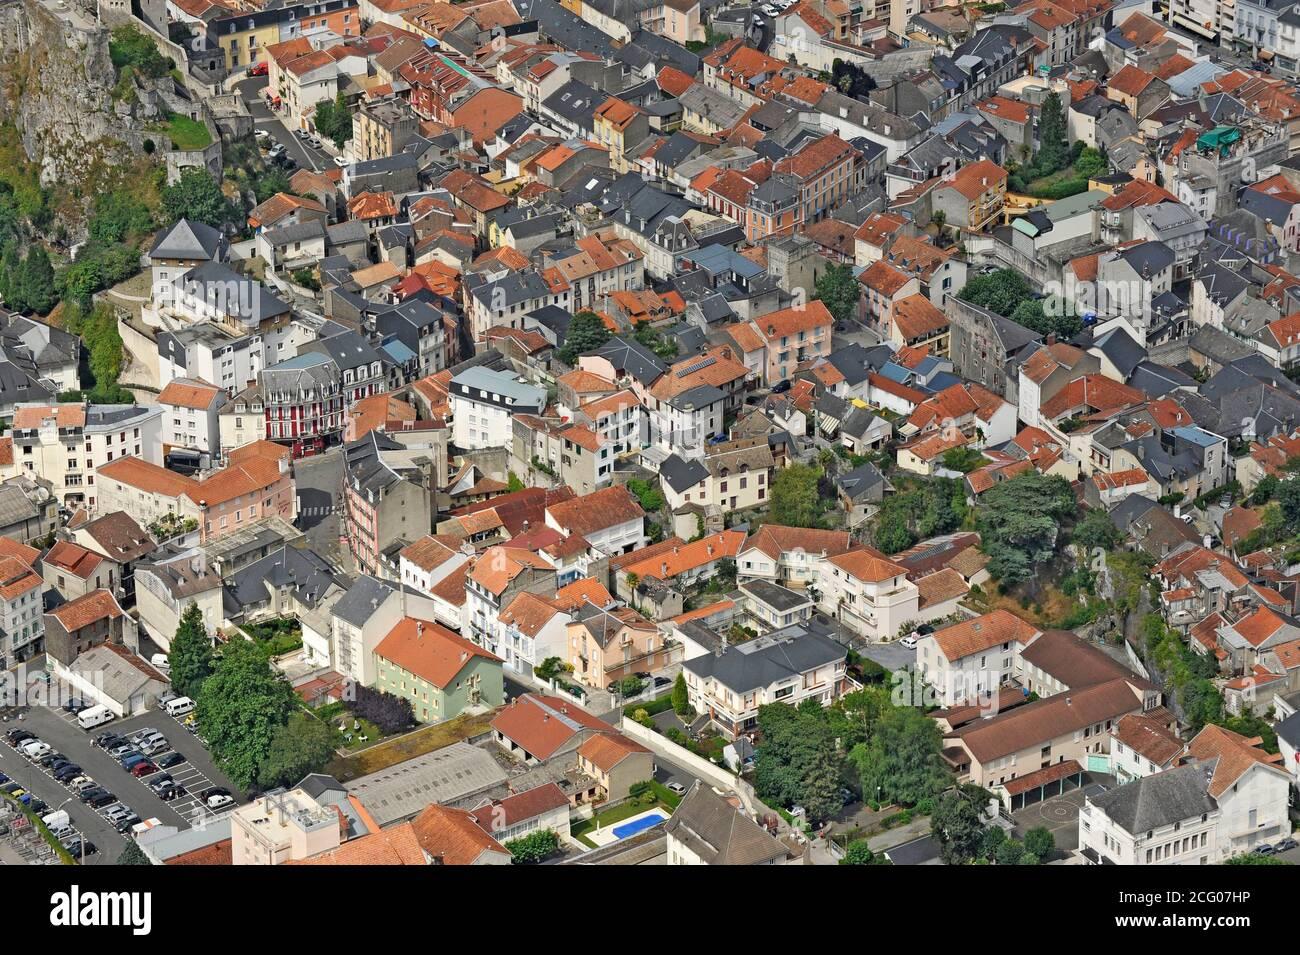 France, Hautes Pyrénées, Lourdes, haut lieu de pèlerinage pour les catholiques (vue aérienne) Banque D'Images